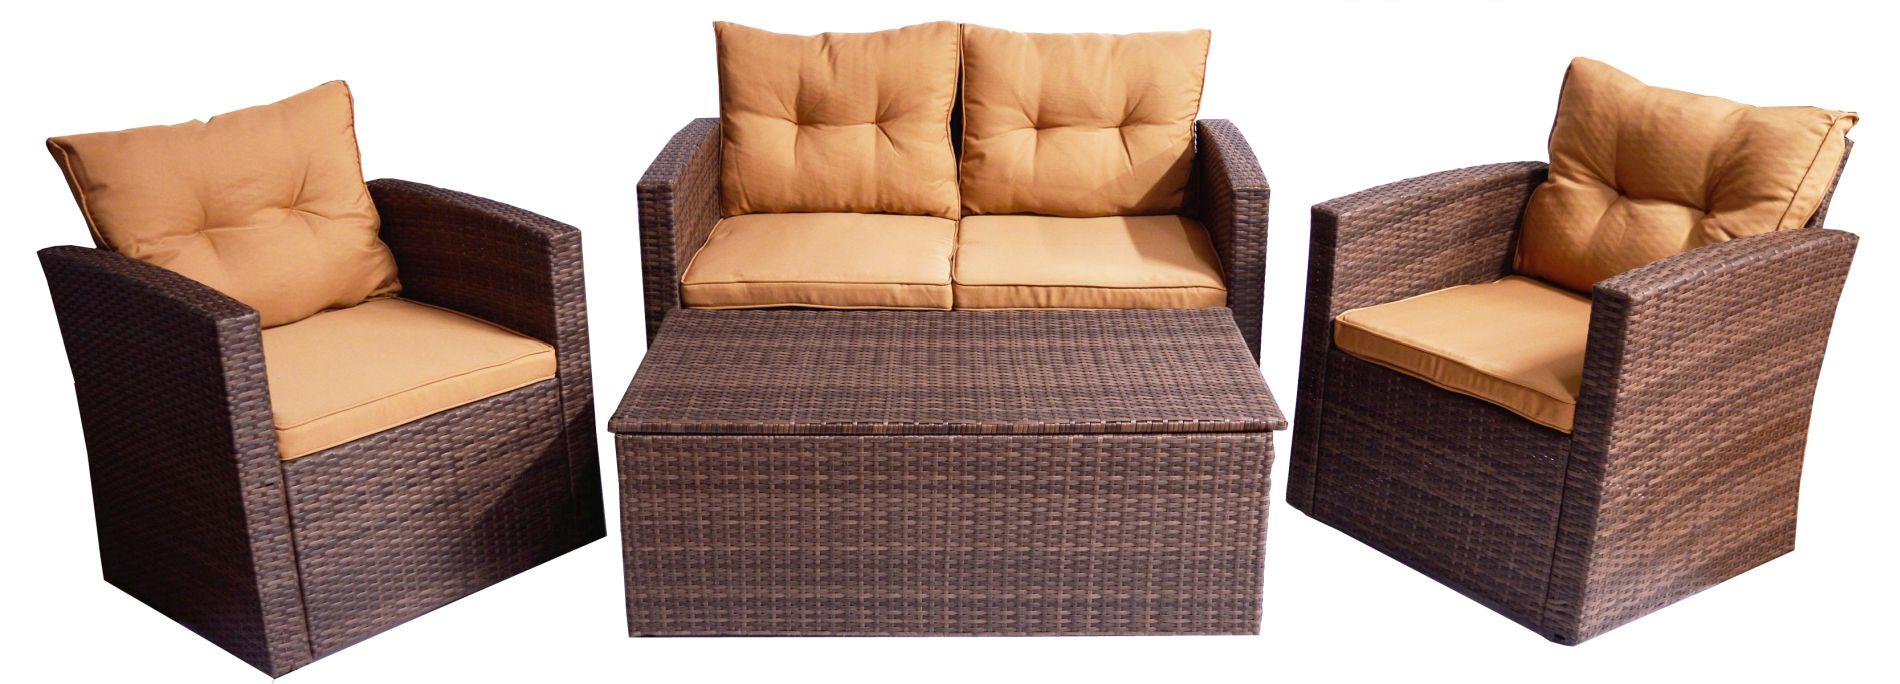 Braune Sitzgruppe 4-teilig Polywood Rattan zwei Sessel eine 2-er Bank Tisch mit Staufunktion